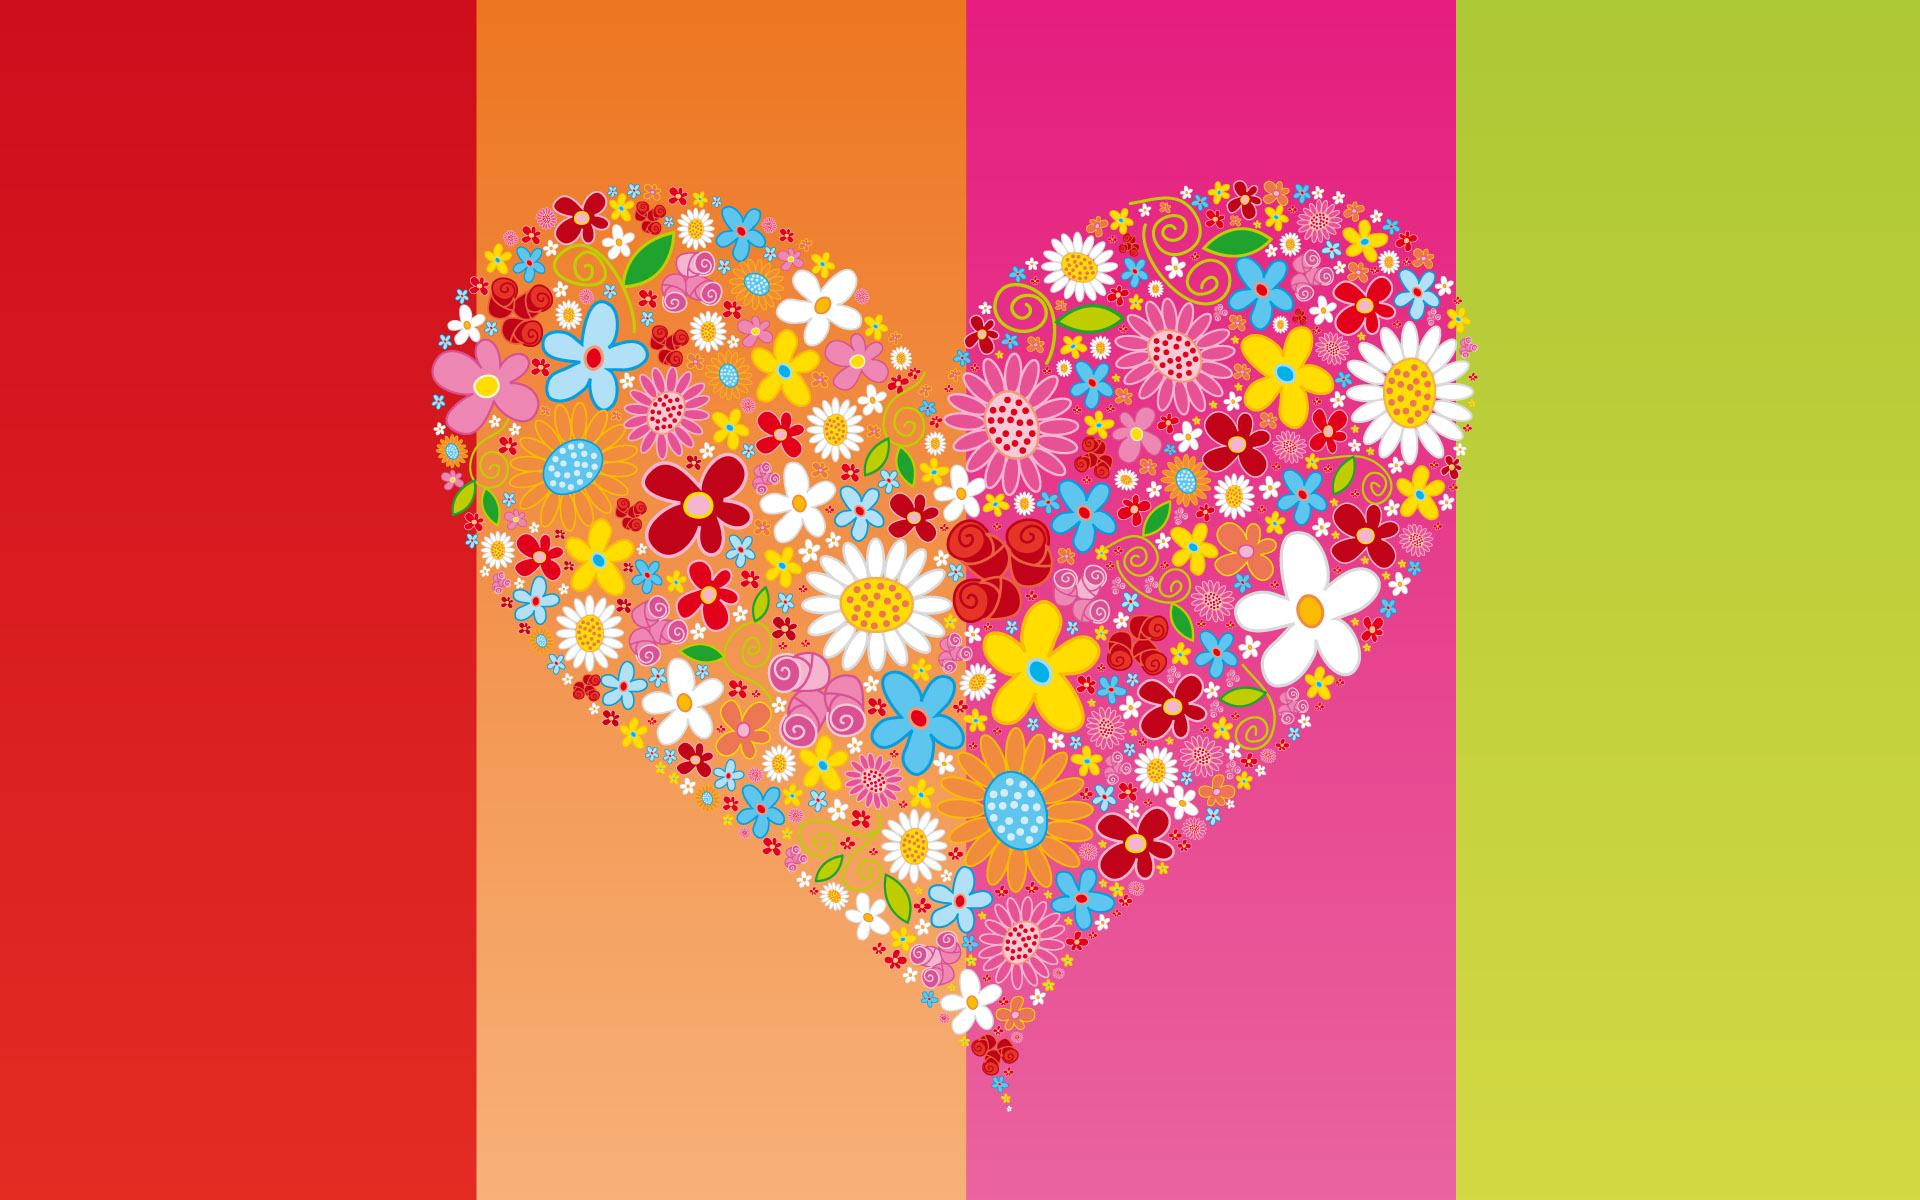 Imagenes para imprimir en el dia del amor y la amistad - San valentin desktop backgrounds ...